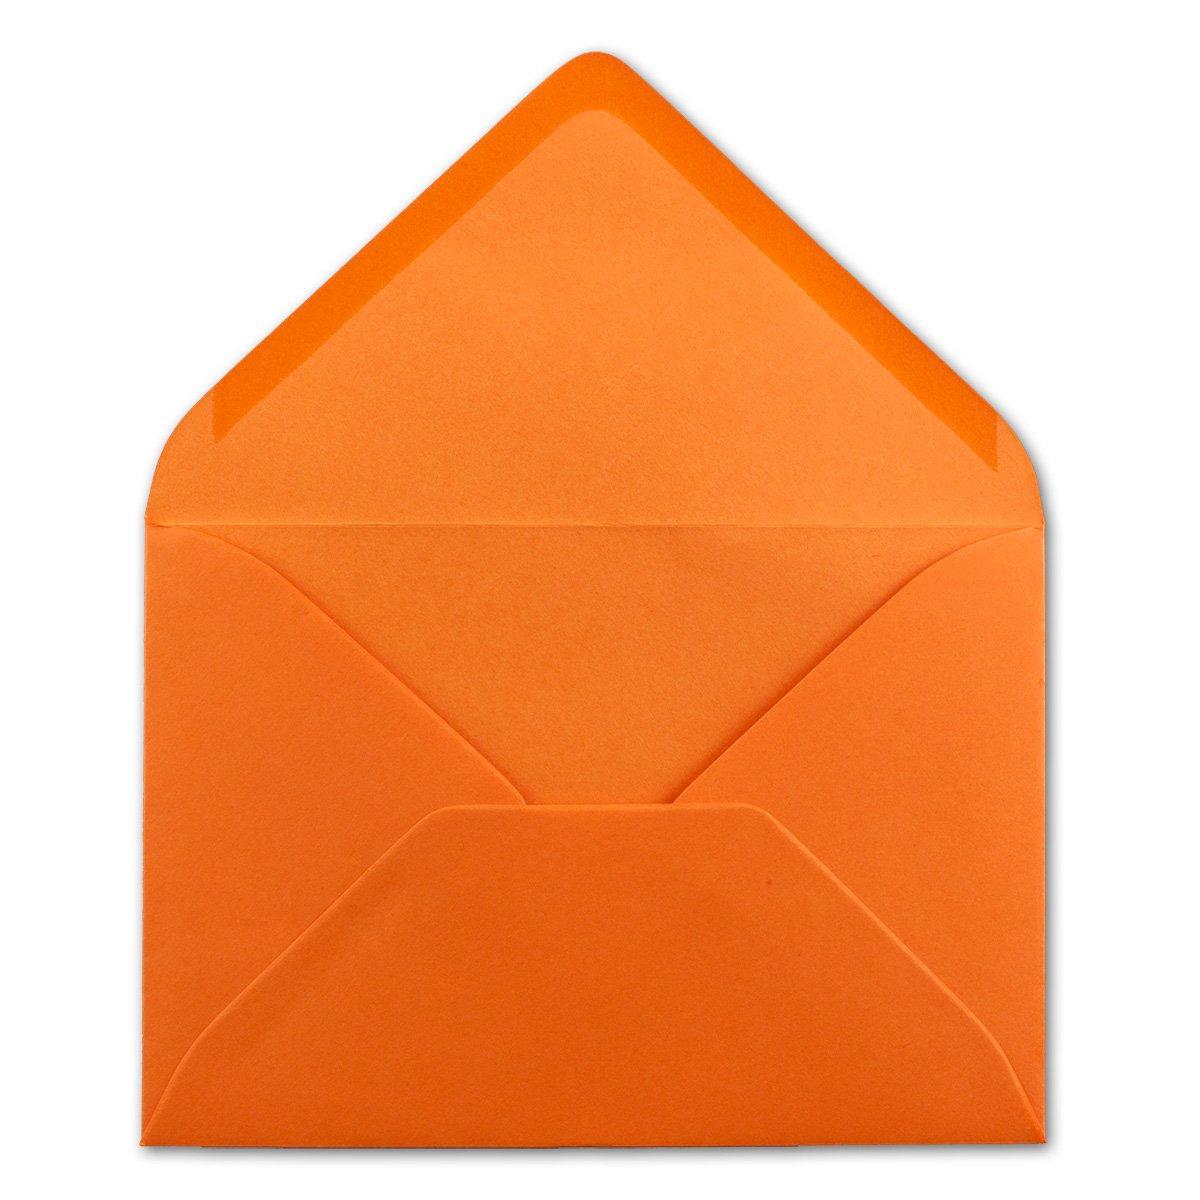 200x 200x 200x Brief-Umschläge in Dunkel-Grün - 80 g m² - KuGrüns in DIN B6 Format 125 x 175 mm - Nassklebung ohne Fenster - Qualitätsmarke FarbenFroh® B076H6R9SW | Qualität und Quantität garantiert  8f014f